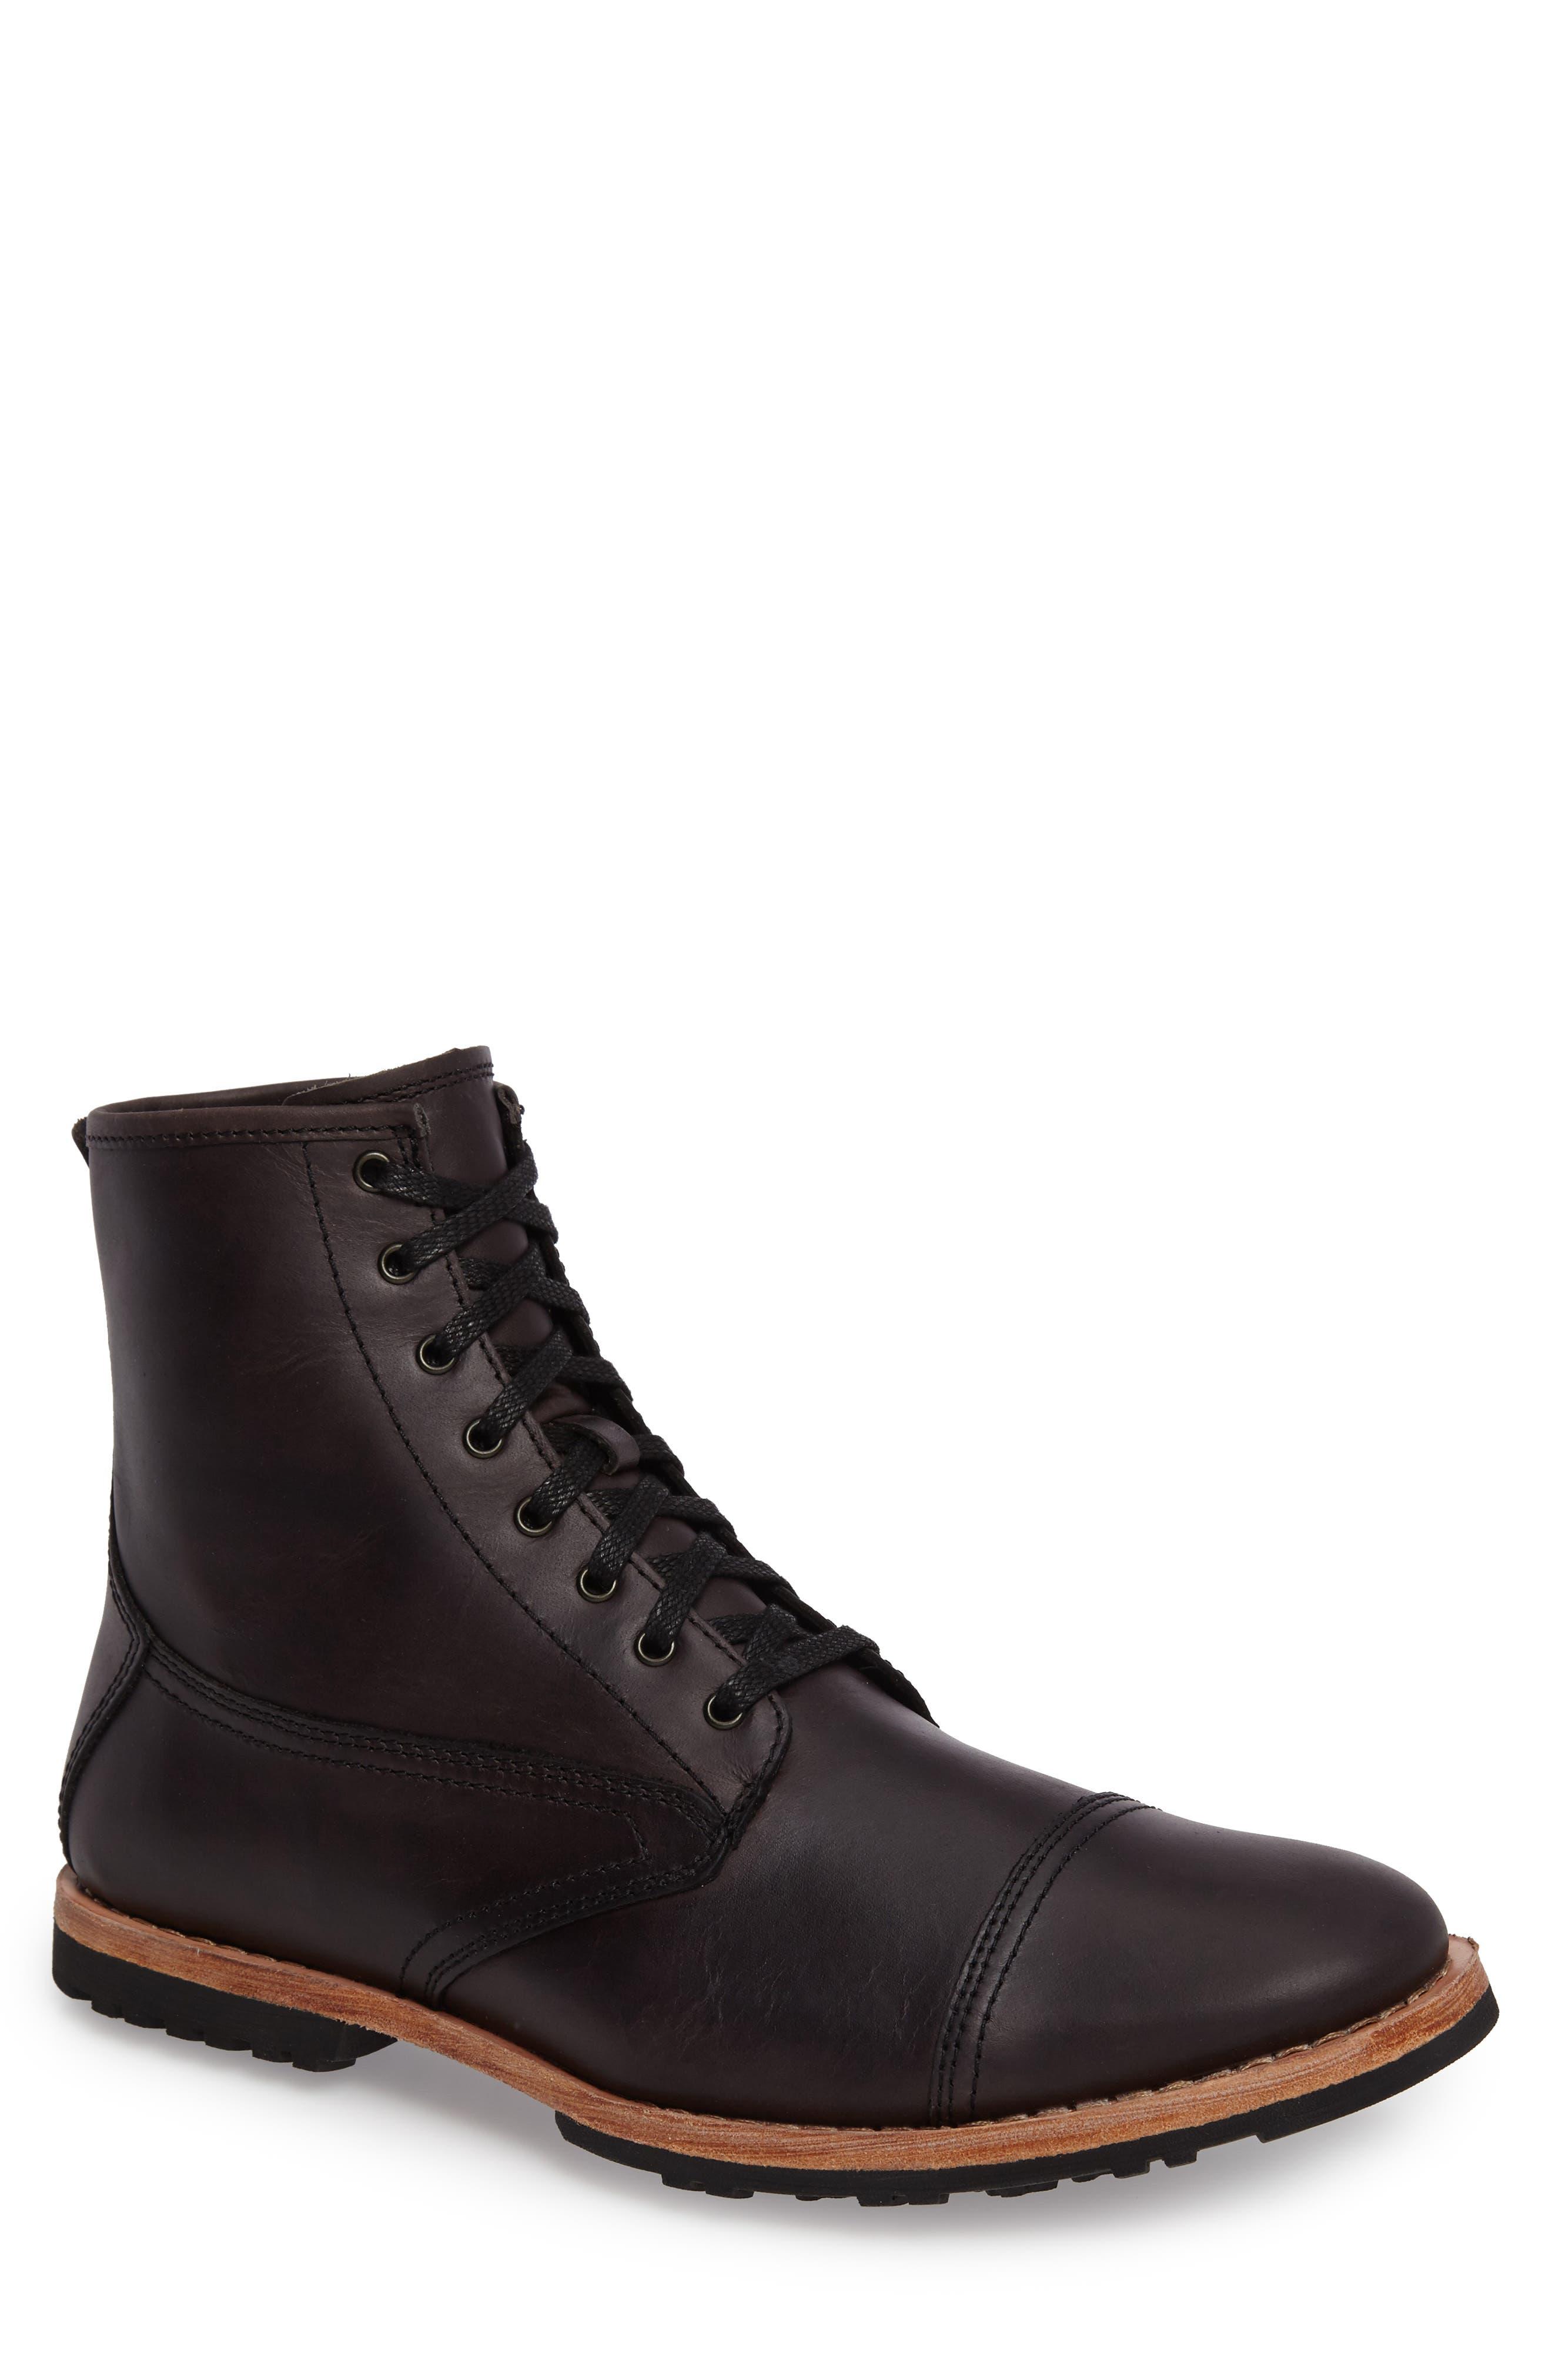 Alternate Image 1 Selected - Timberland 'Bardstown' Cap Toe Boot (Men)